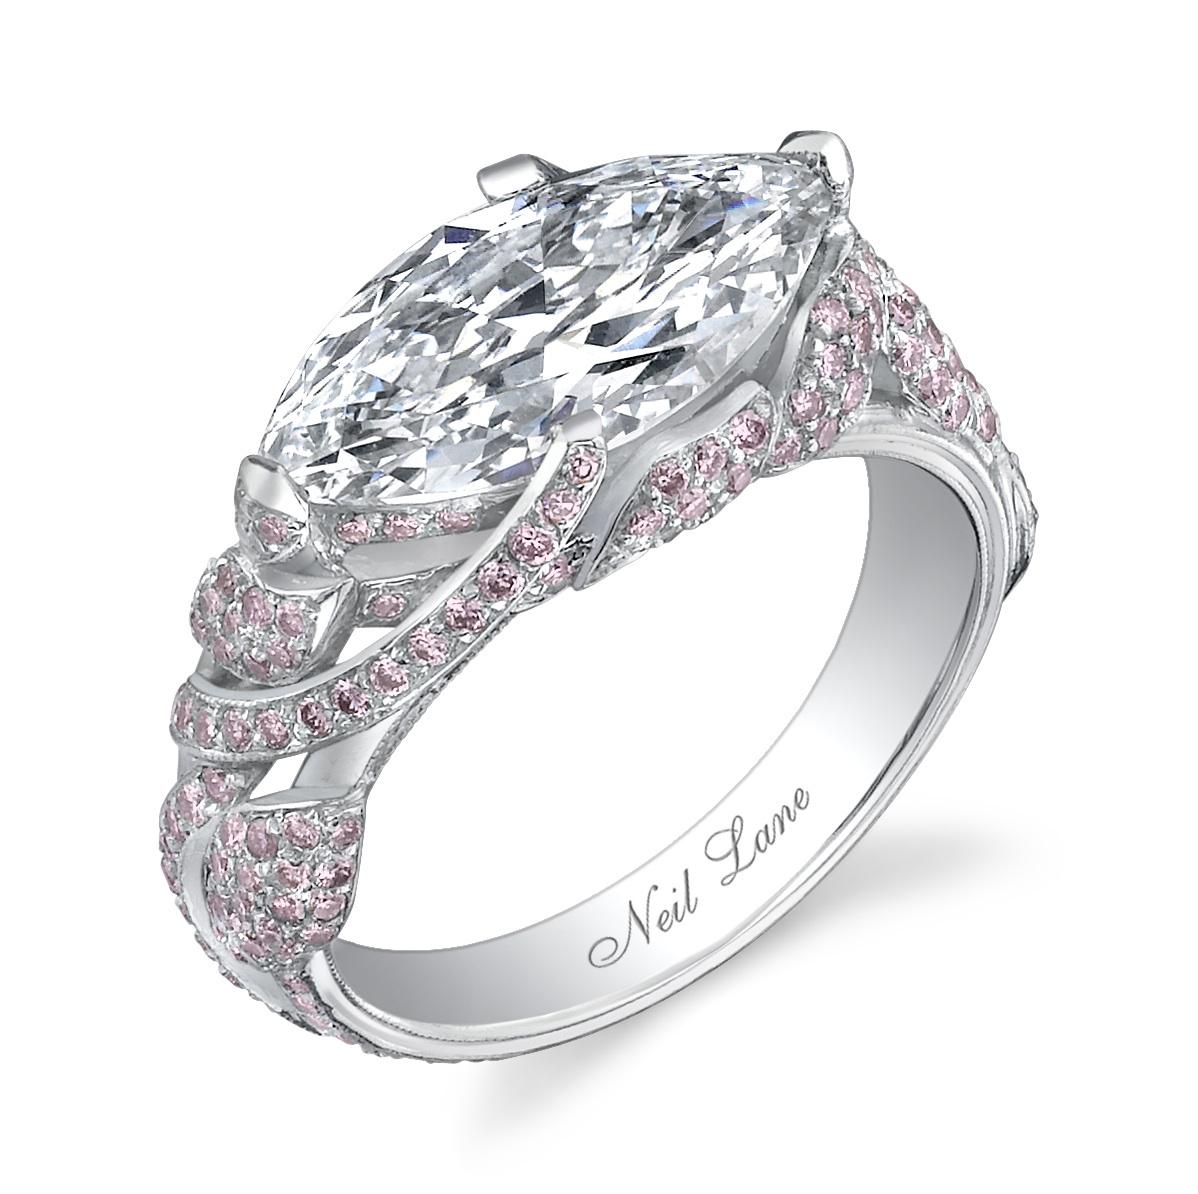 Portia De Rossi's Ring Photo: Courtesy Of Neil Lane